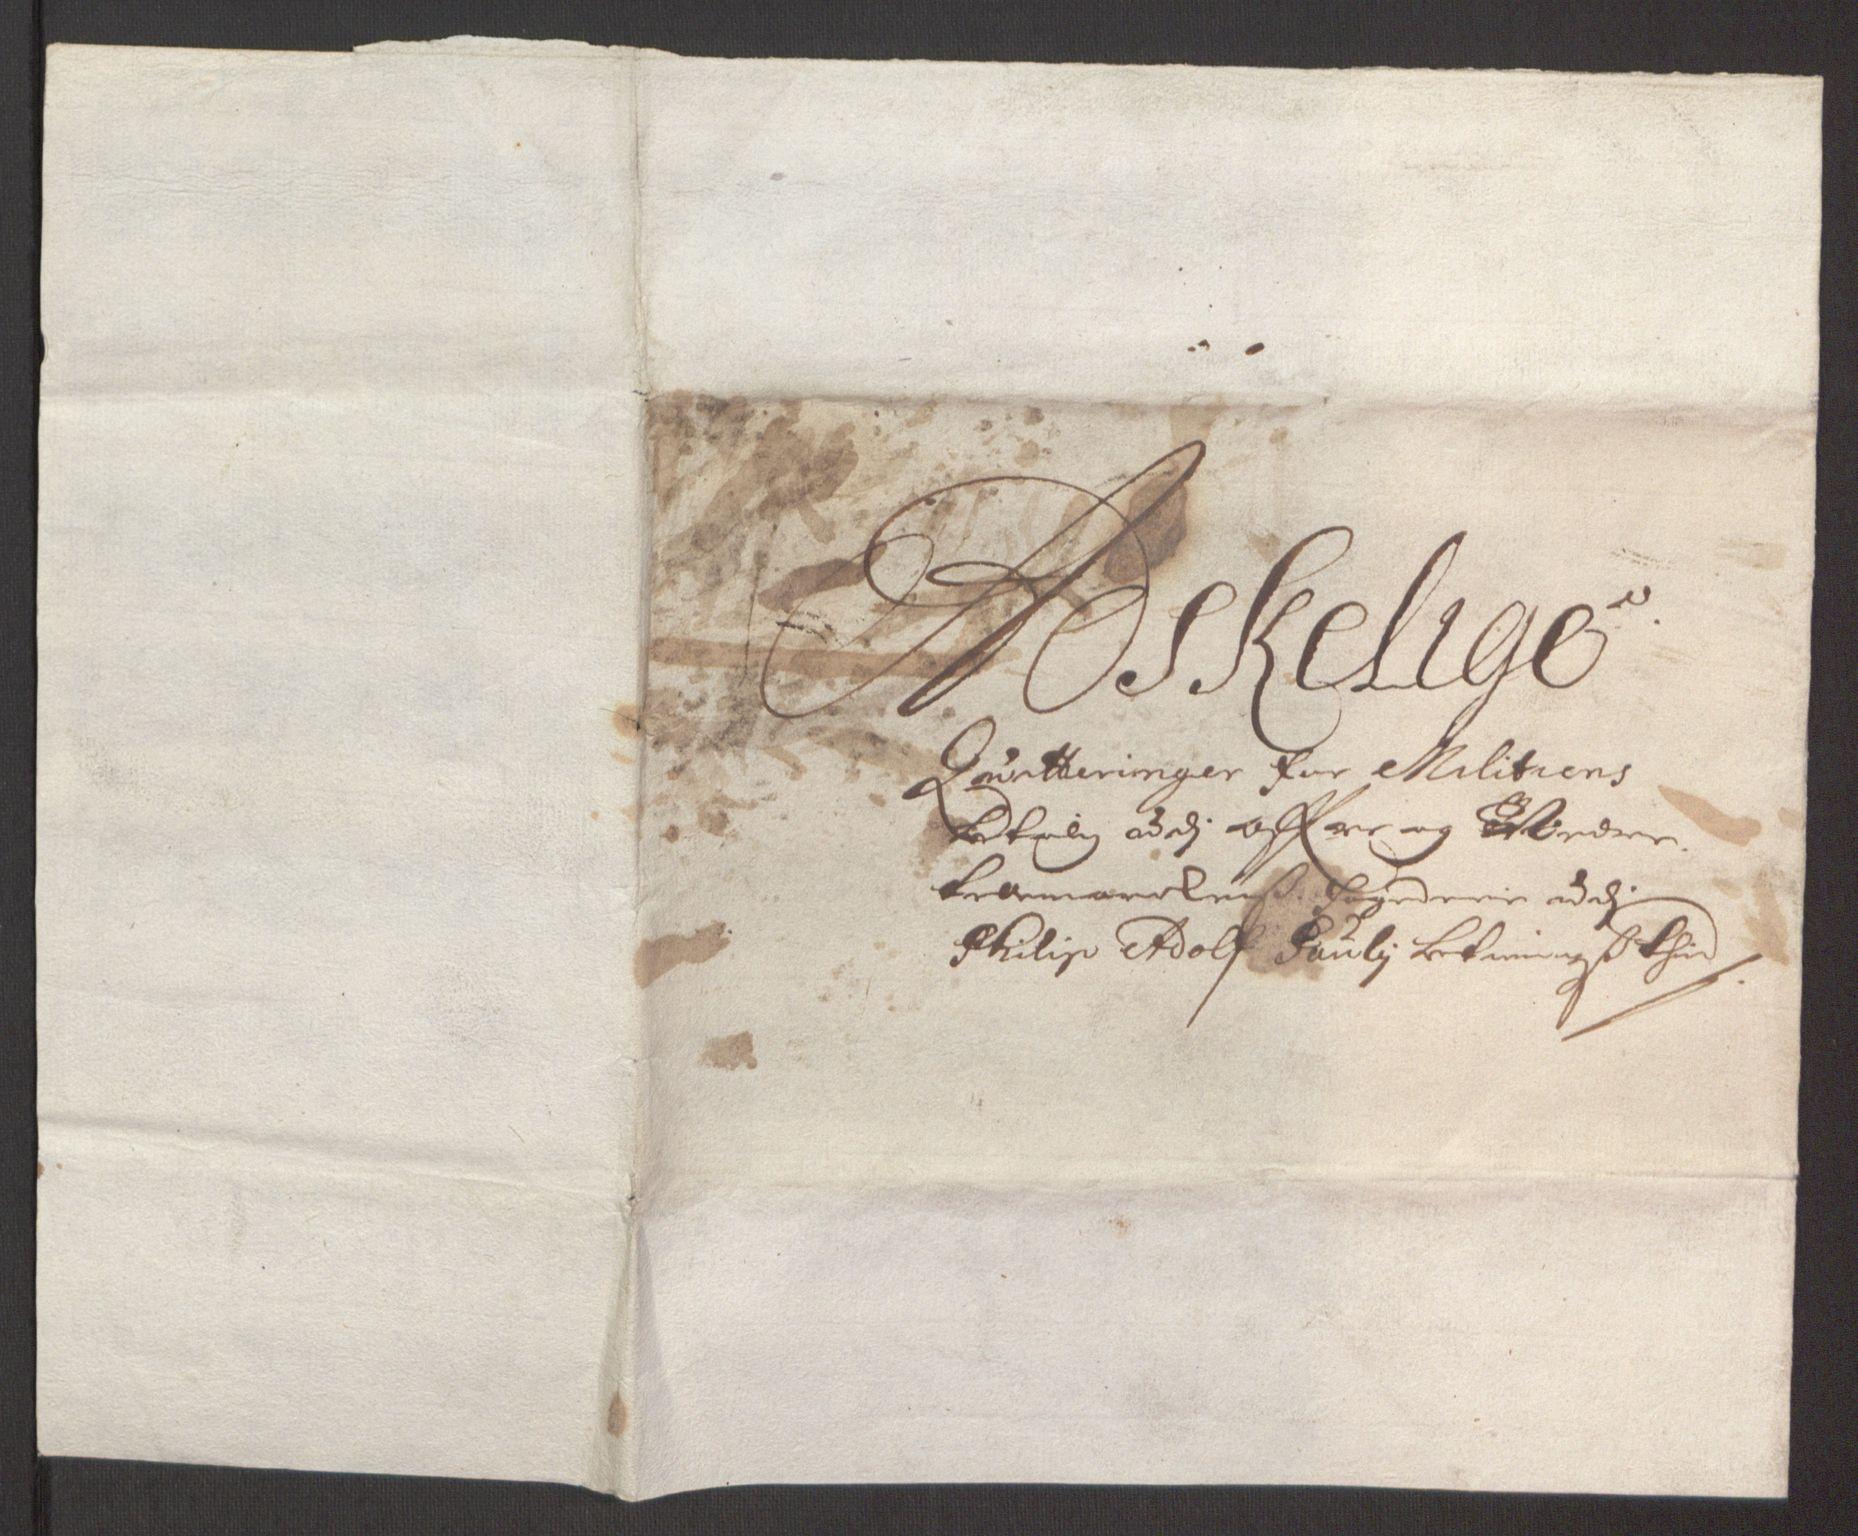 RA, Rentekammeret inntil 1814, Reviderte regnskaper, Fogderegnskap, R35/L2061: Fogderegnskap Øvre og Nedre Telemark, 1673-1674, s. 277